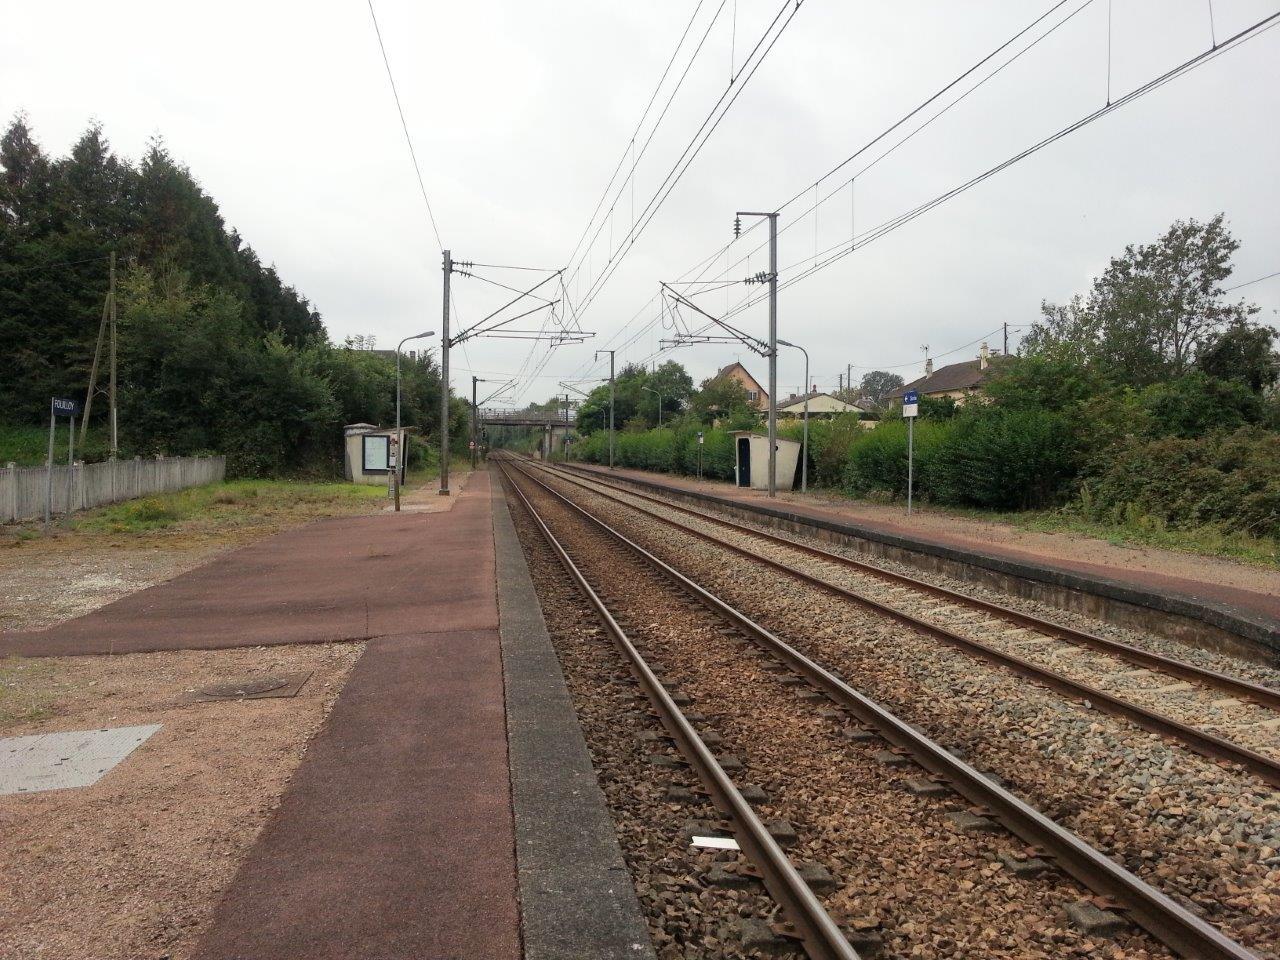 gare-de-fouilloy-train-station